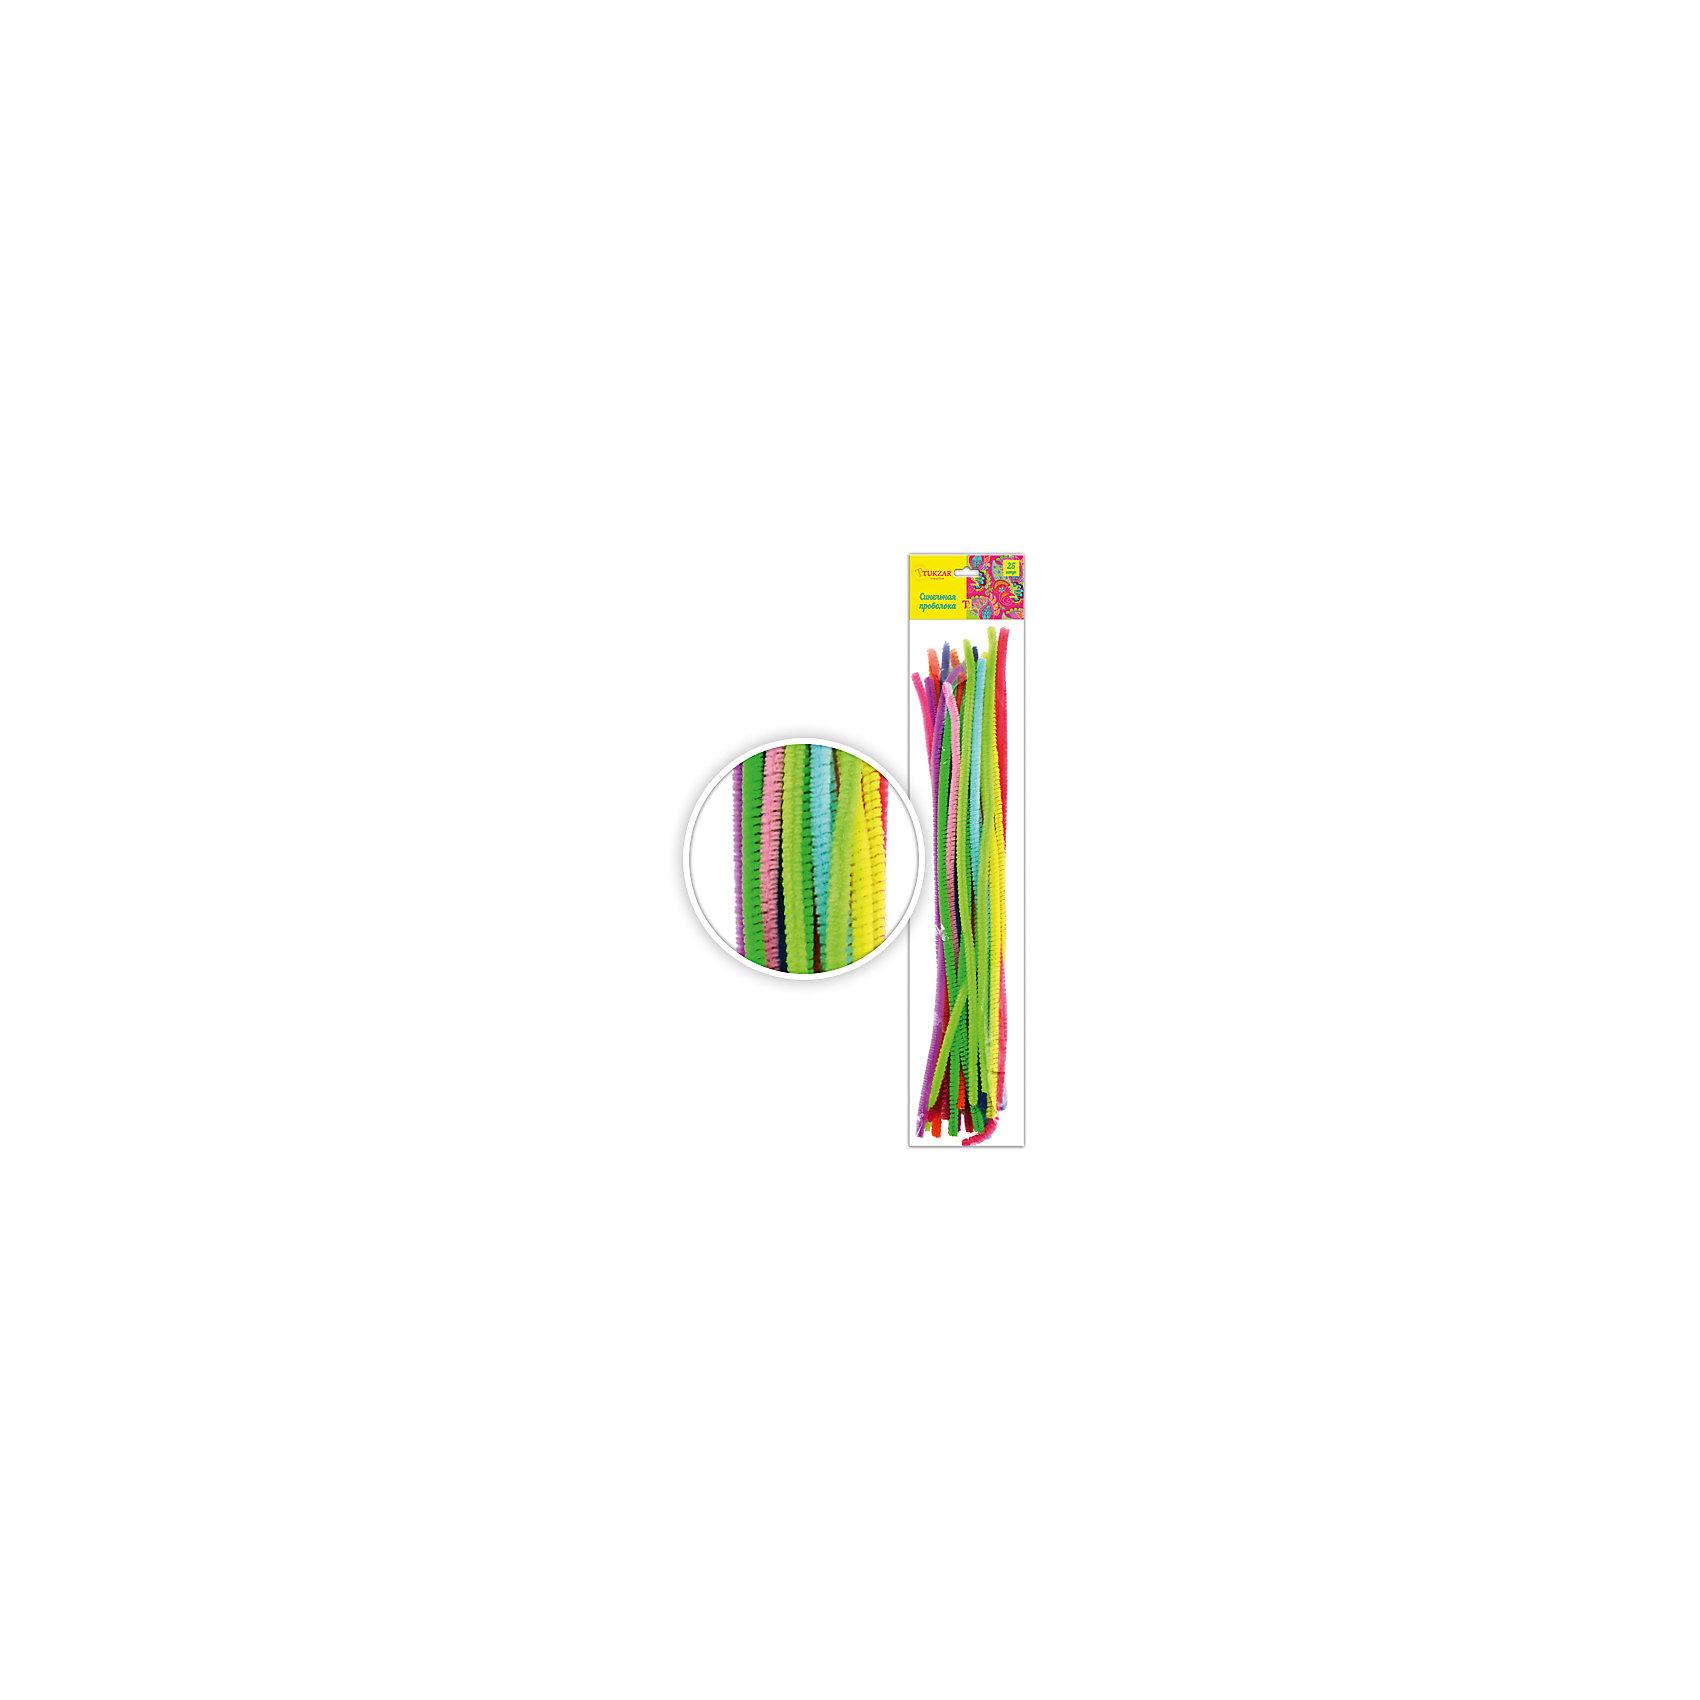 Набор синельной проволоки, 25 шт (цвета ассорти)Набор синельной проволоки, 25 шт (цвета ассорти) от известного торгового бренда канцелярских товаров и товаров для творчества TUKZAR. Пушистая проволока является прекрасным материалом для создания плоских или объемных аппликаций. Этот поделочный материал обладает гибкостью, что позволяет создавать из него любые поделки, кроме того синельная проволока может использоваться в сочетании с другими декоративными материалами. Набор от TUKZAR  из 25 разноцветных плюшевых проволочек, что позволит создать практически любого животного. <br>Поделки из синельной проволоки особенно будут интересны детям дошкольного возраста, работа с данным материалом способствует развитию мелкой моторики и такильным ощущениям.<br><br>Дополнительная информация:<br><br>- Предназначение: для творческих занятий, оформительских работ и декорирования, для аппликаций<br>- Материал: проволока<br>- Комплектация: разноцветная проволока, 25 шт.<br>- Упаковка: блистер<br><br>Подробнее:<br><br>• Для детей в возрасте: от 5 лет <br>• Страна производитель: Китай<br>• Торговый бренд: TUKZAR<br><br>Набор синельной проволоки, 25 шт (цвета ассорти) можно купить в нашем интернет-магазине.<br><br>Ширина мм: 380<br>Глубина мм: 70<br>Высота мм: 30<br>Вес г: 200<br>Возраст от месяцев: 36<br>Возраст до месяцев: 192<br>Пол: Унисекс<br>Возраст: Детский<br>SKU: 5001391